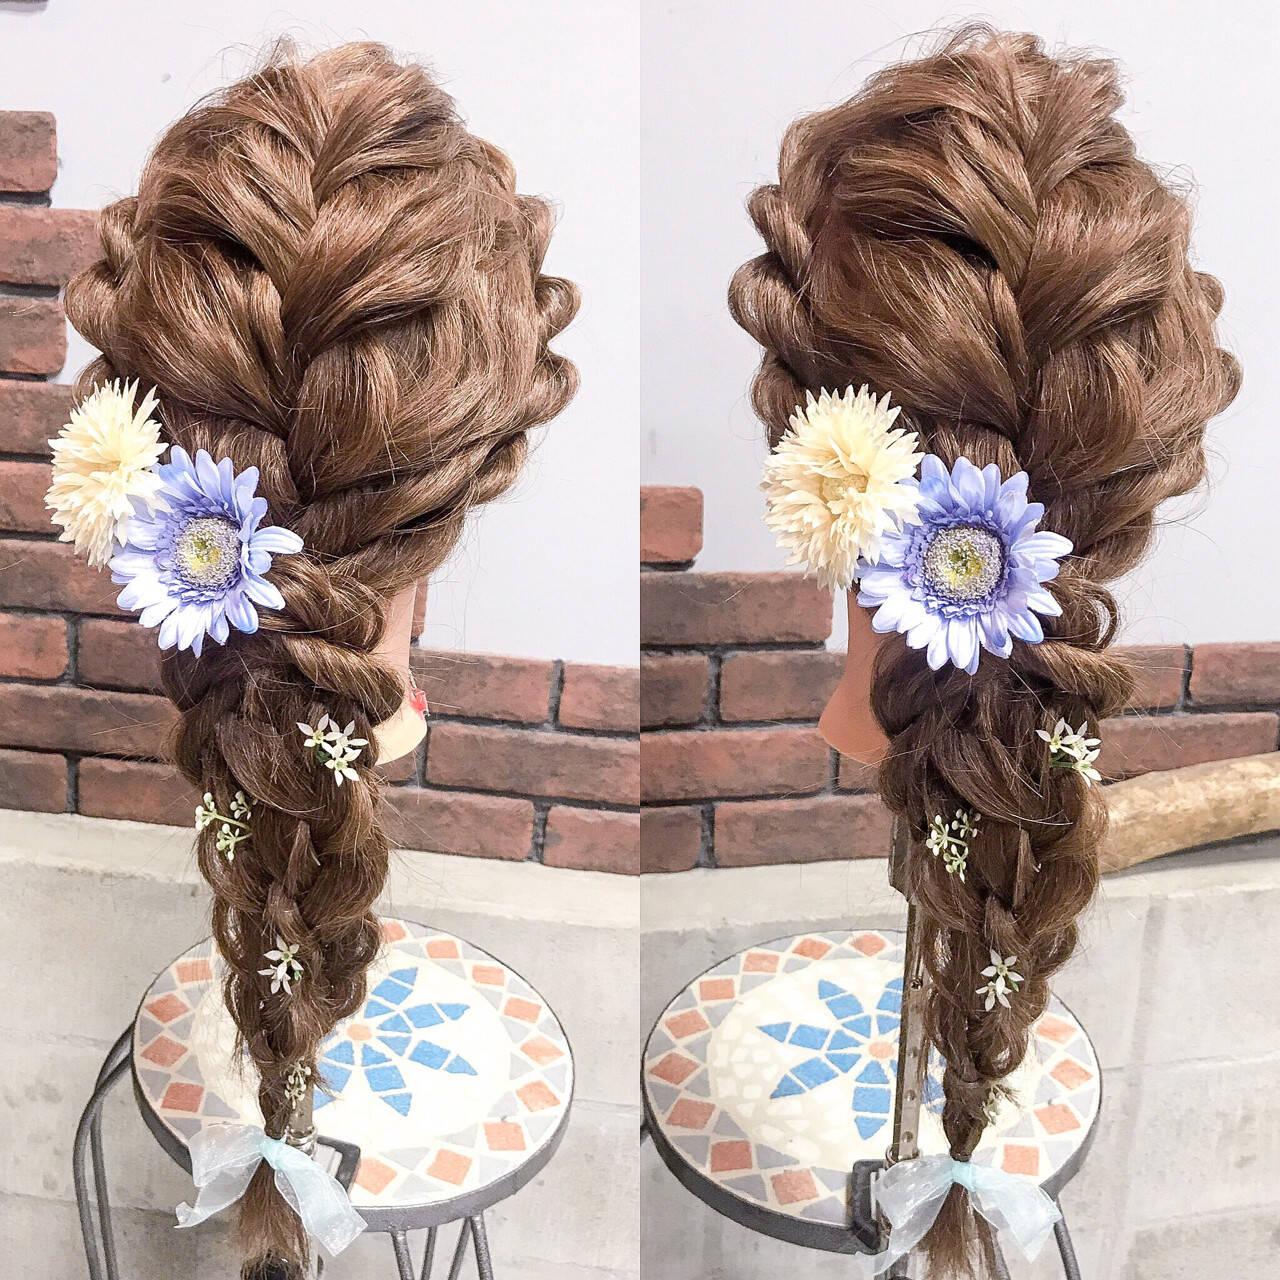 ハロウィン 編み込み フェミニン ディズニーヘアスタイルや髪型の写真・画像